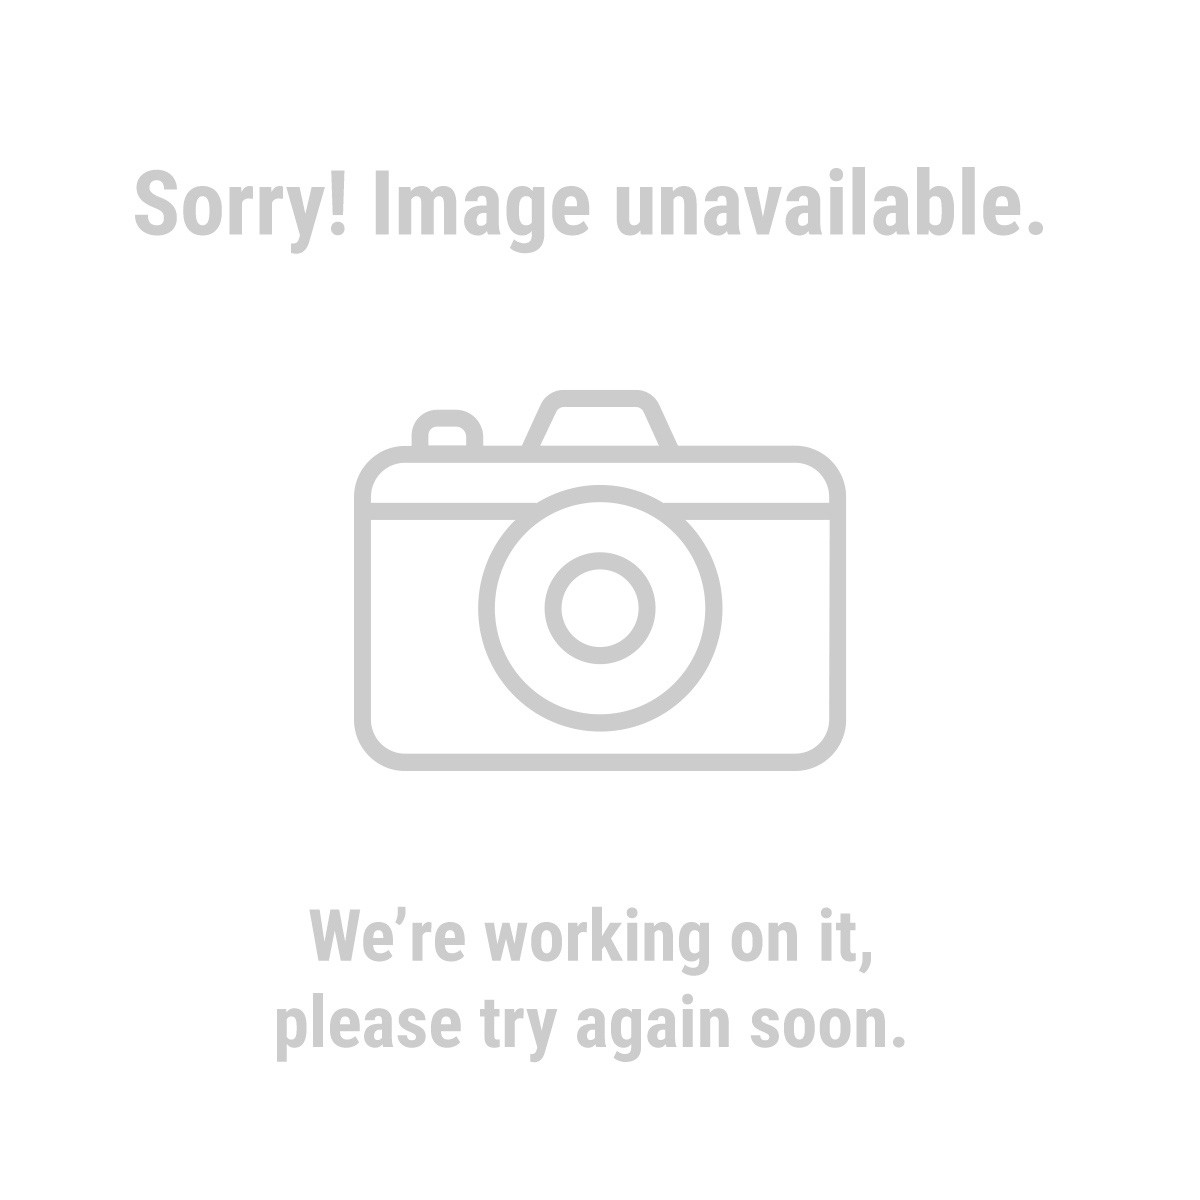 Haul-Master® 66907 1-1/2 Ton Scissor Jack